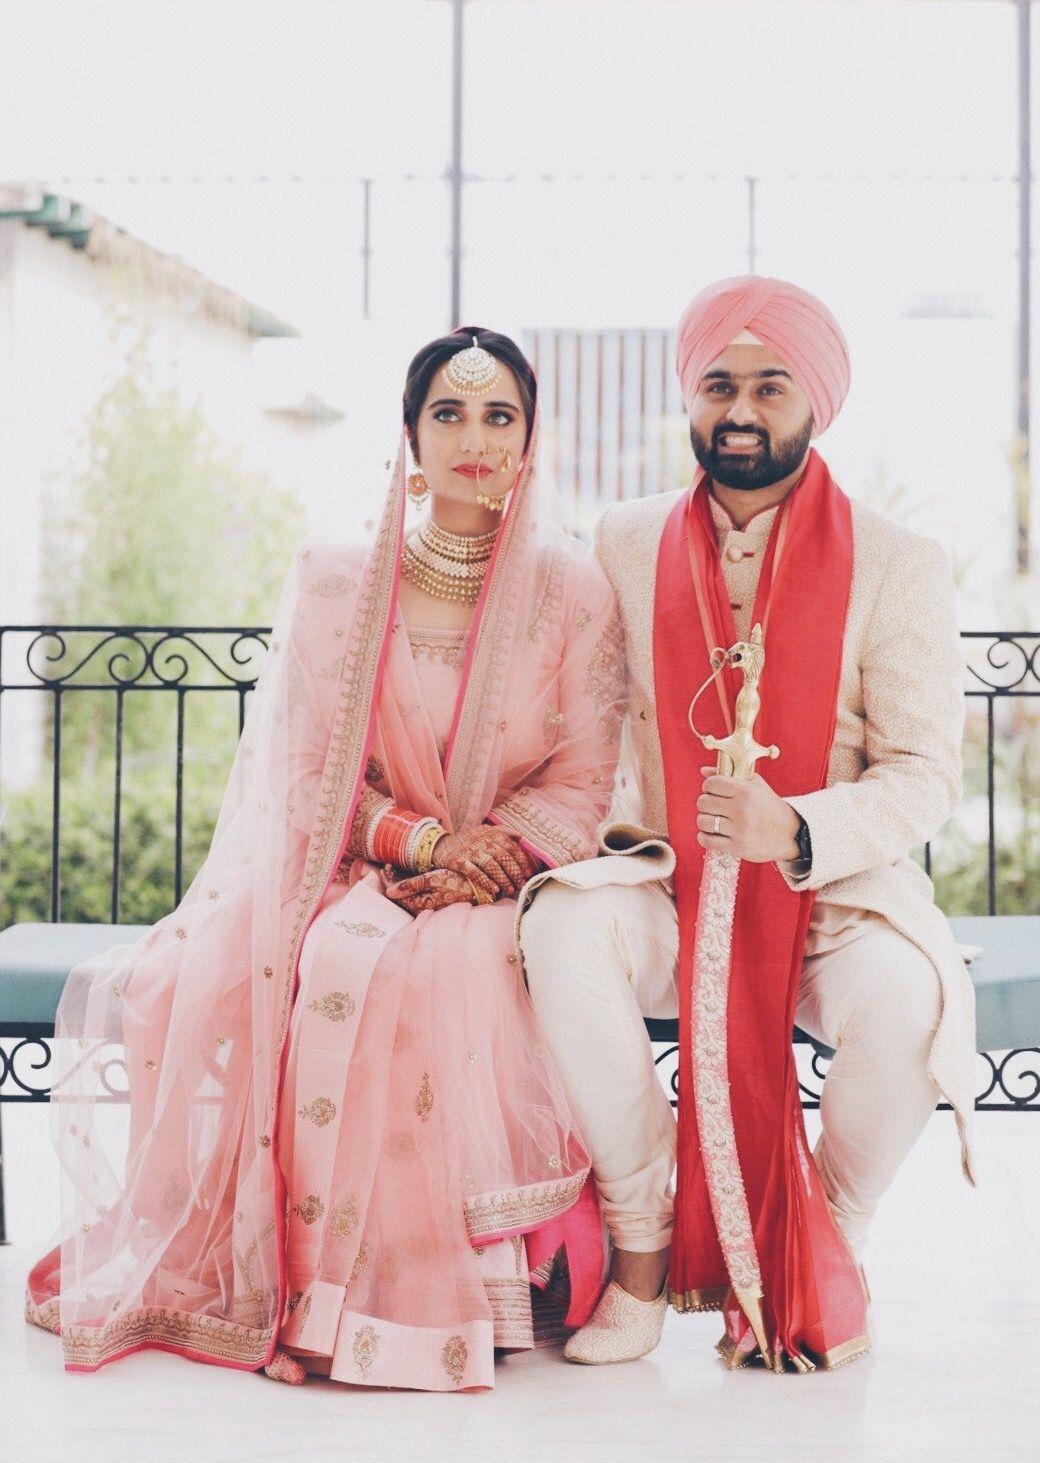 Indianwedding Sikhwedding Pastel Wedding Photoshoot Bride Look Bride